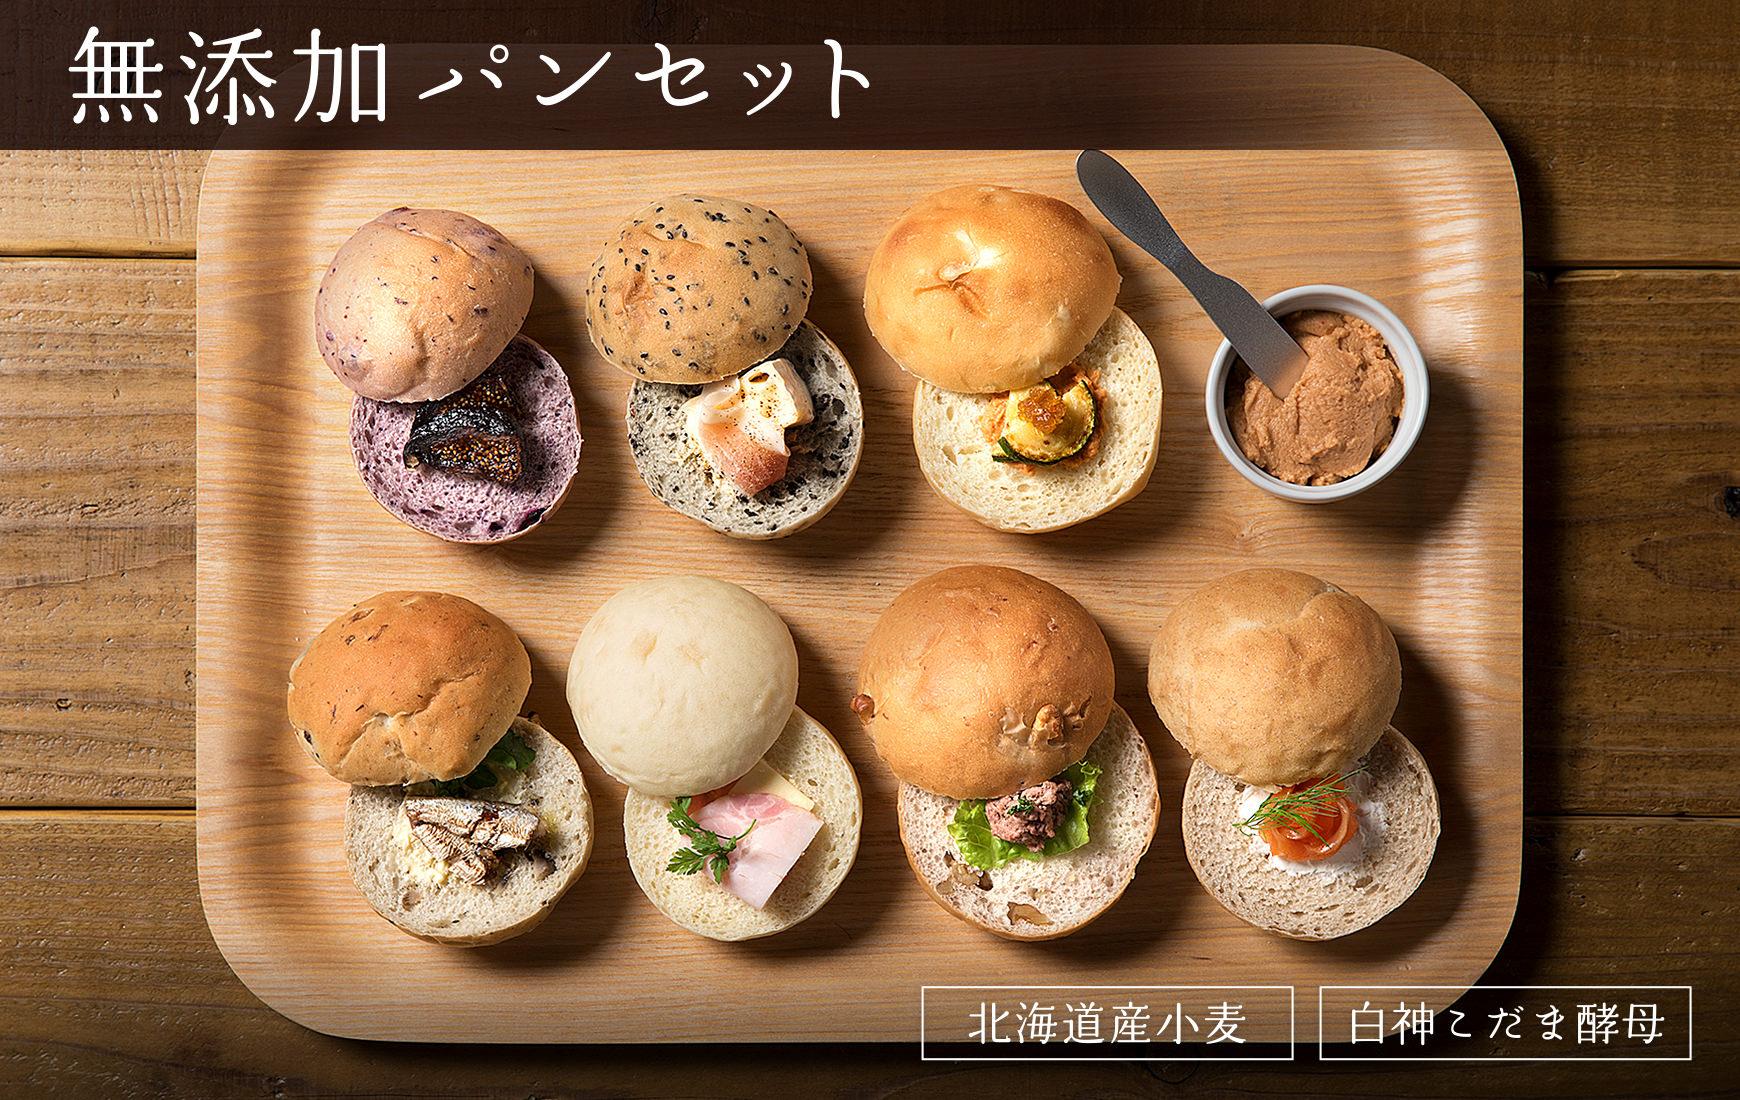 北海道産小麦と白神こだま酵母を使った王国の無添加パンセットです